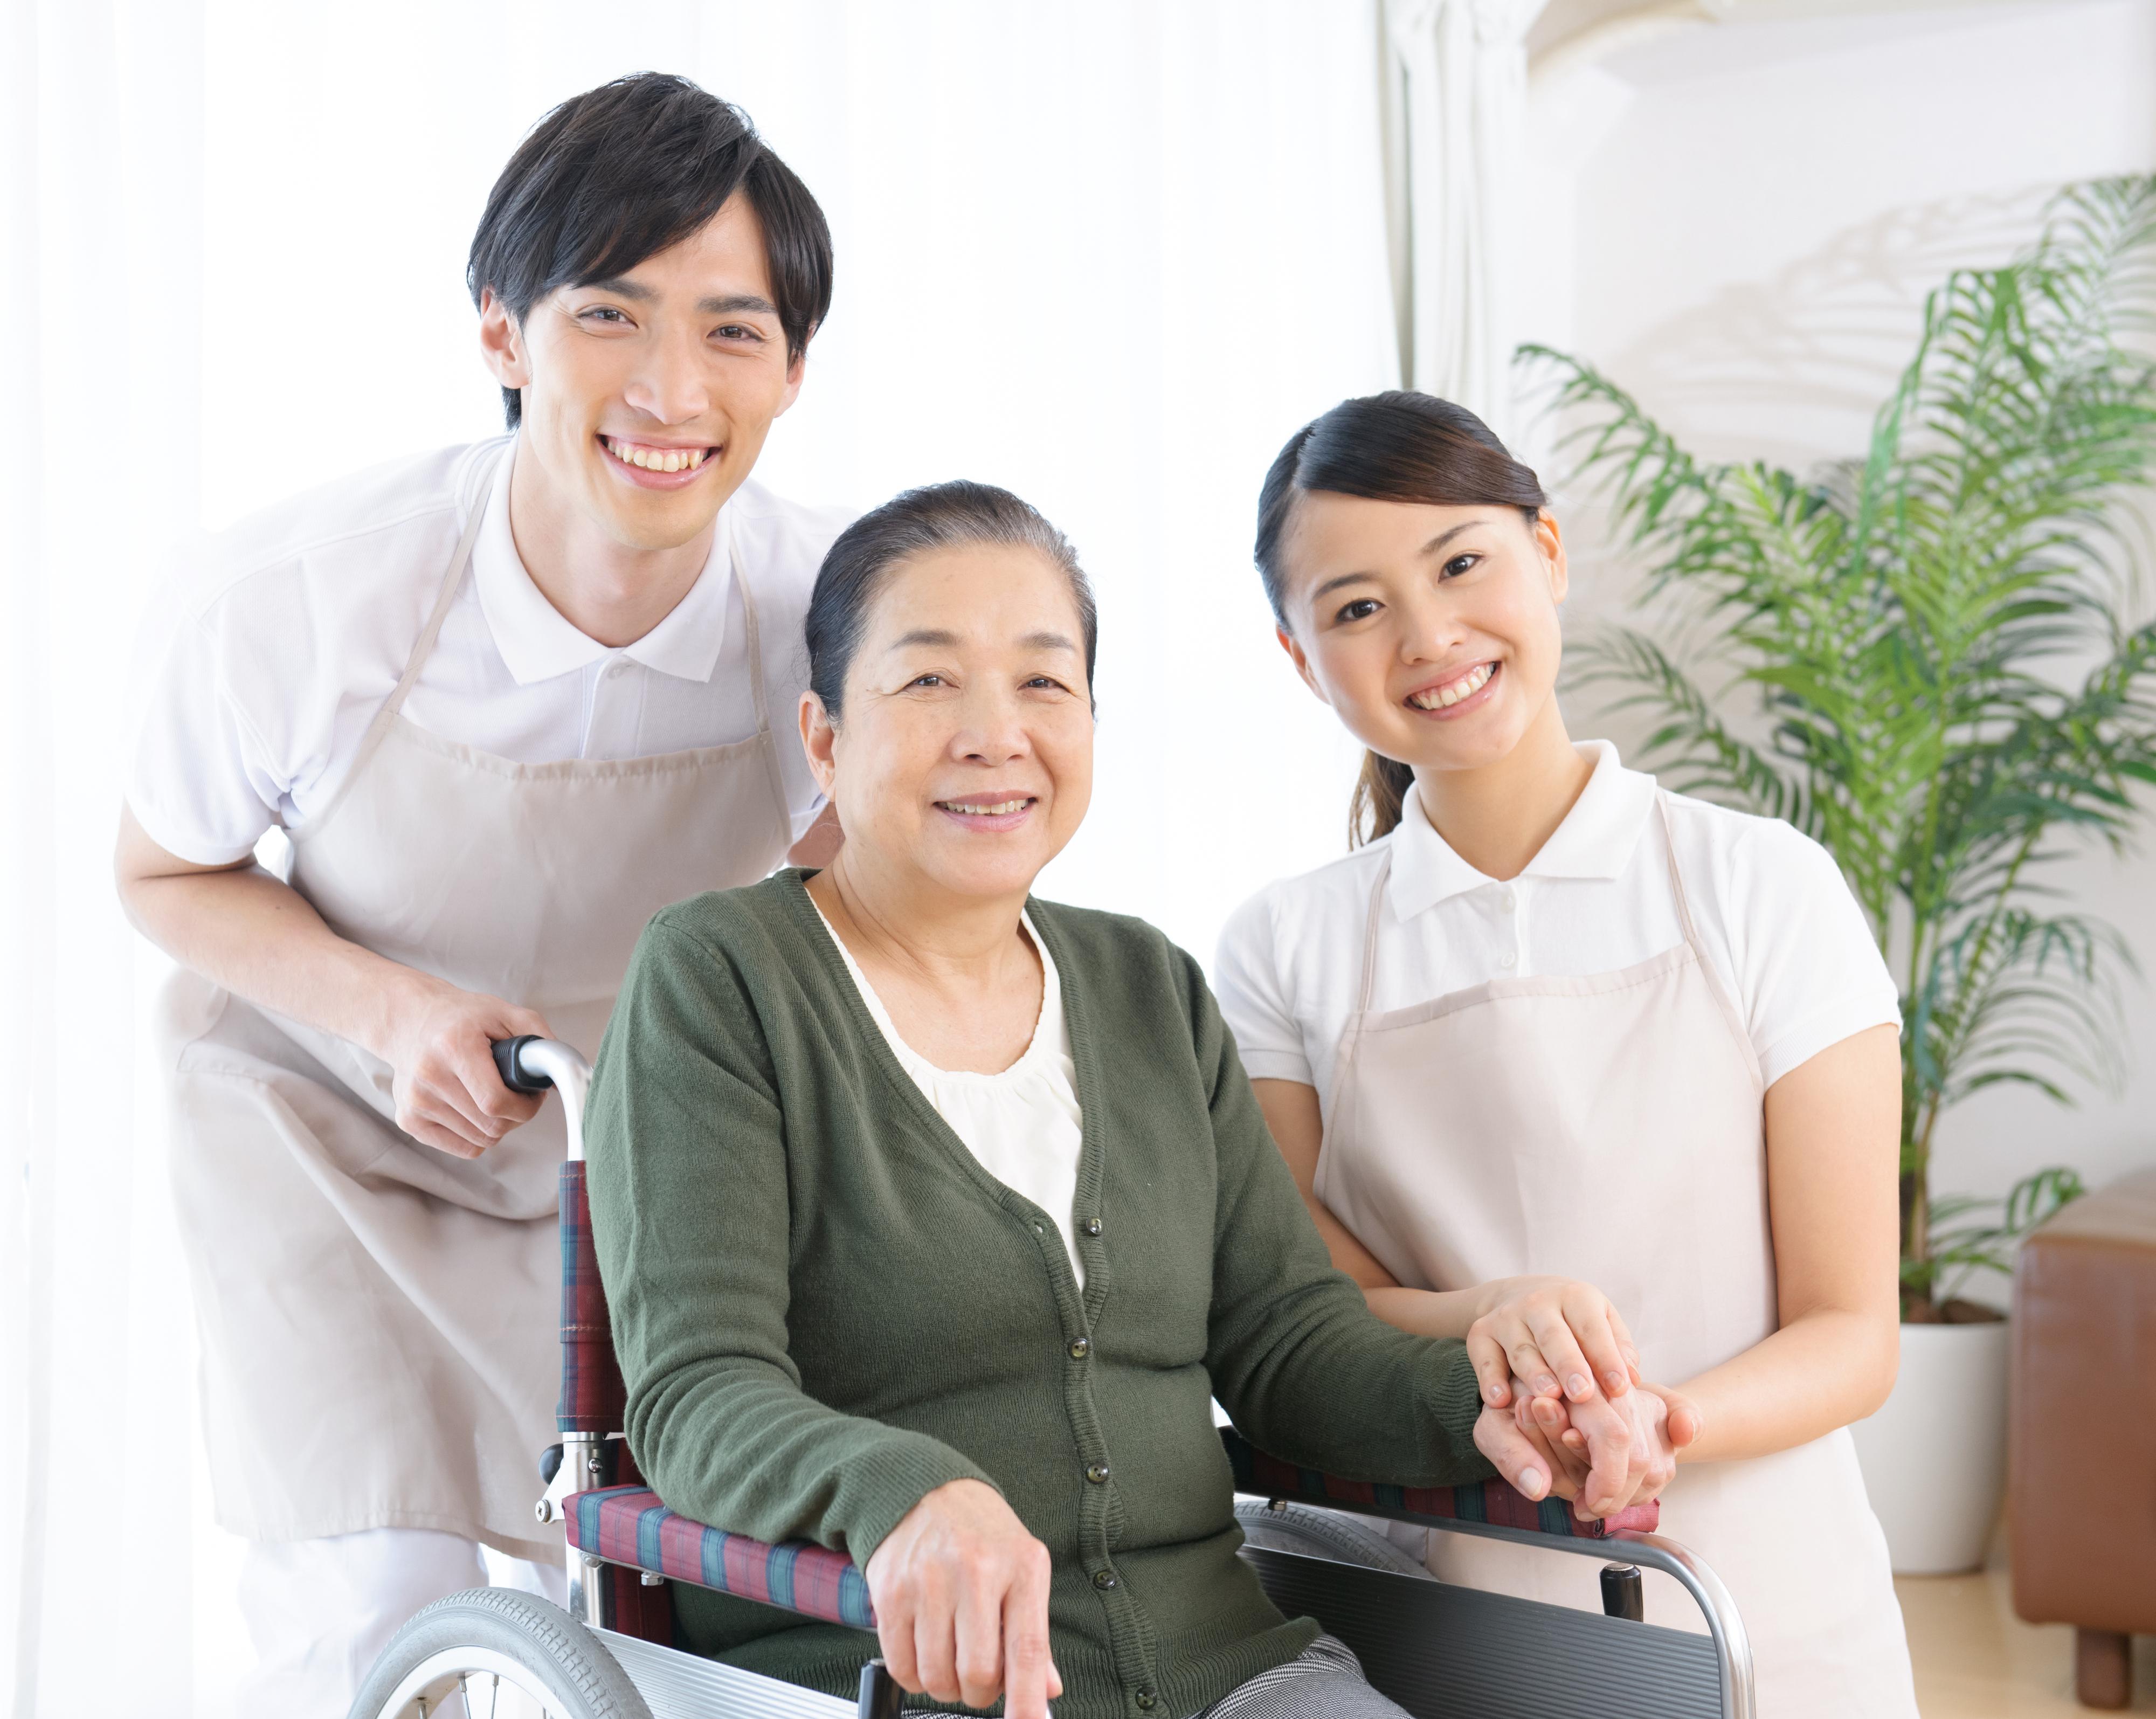 社会福祉法人友和会 特別養護老人ホーム サン・シティ/実務者研修/特別養護老人ホーム/常勤